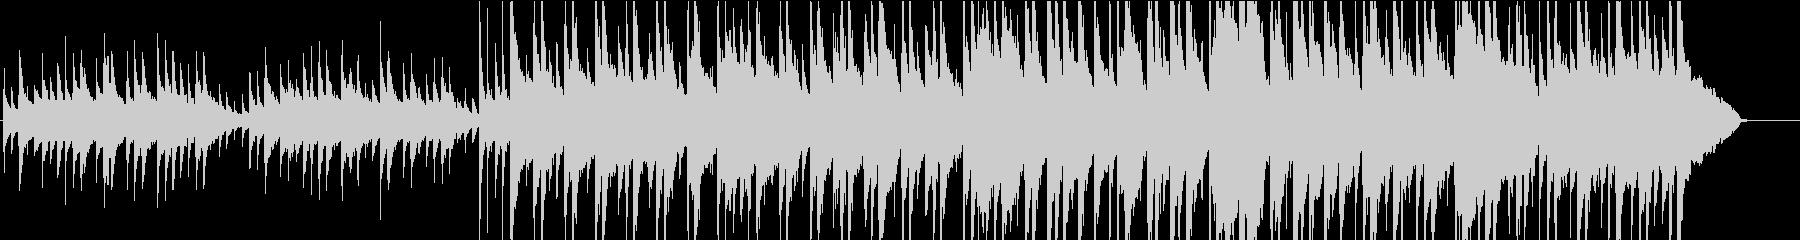 和風で落ち着いたイメージのBGMの未再生の波形